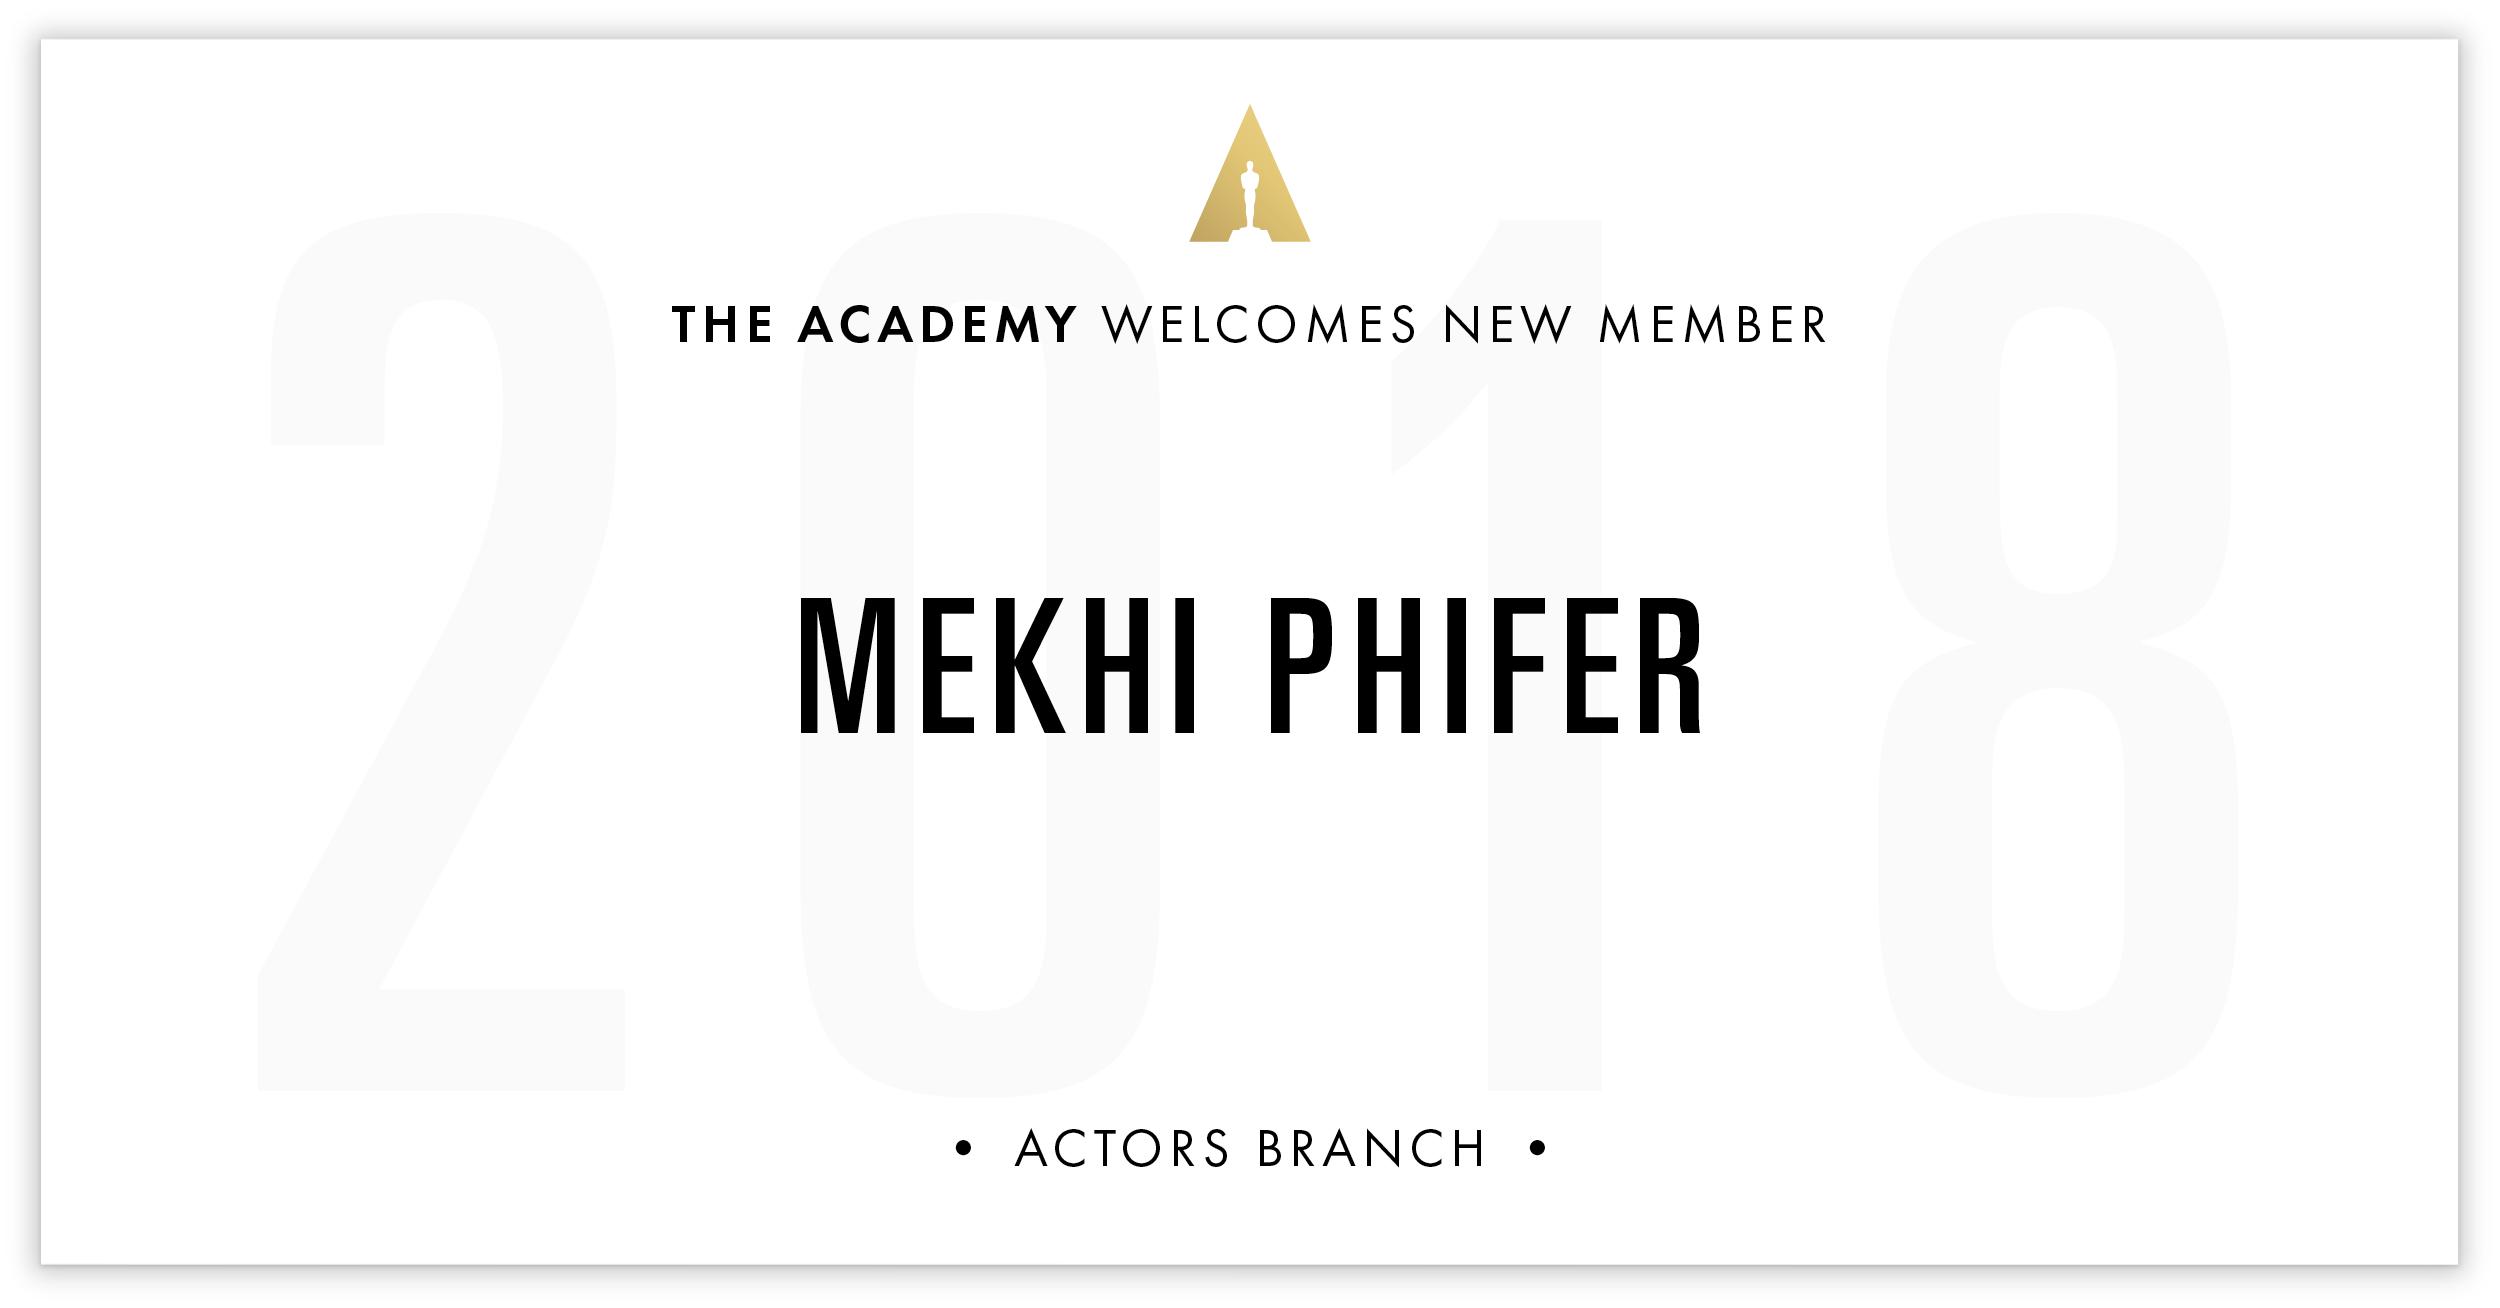 Mekhi Phifer is invited!